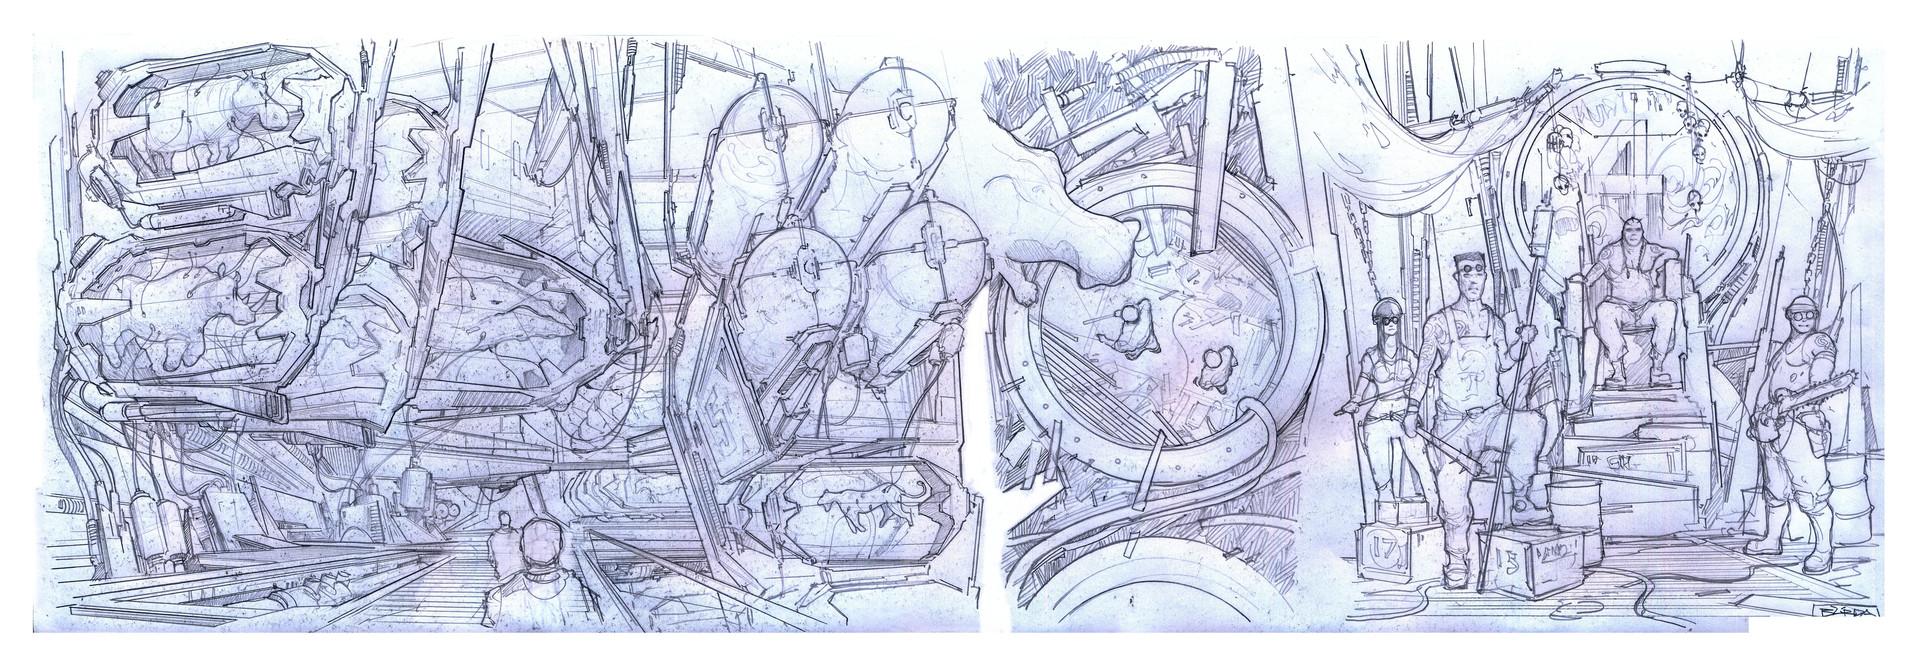 Alejandro burdisio bocetos exile sectores varios 4